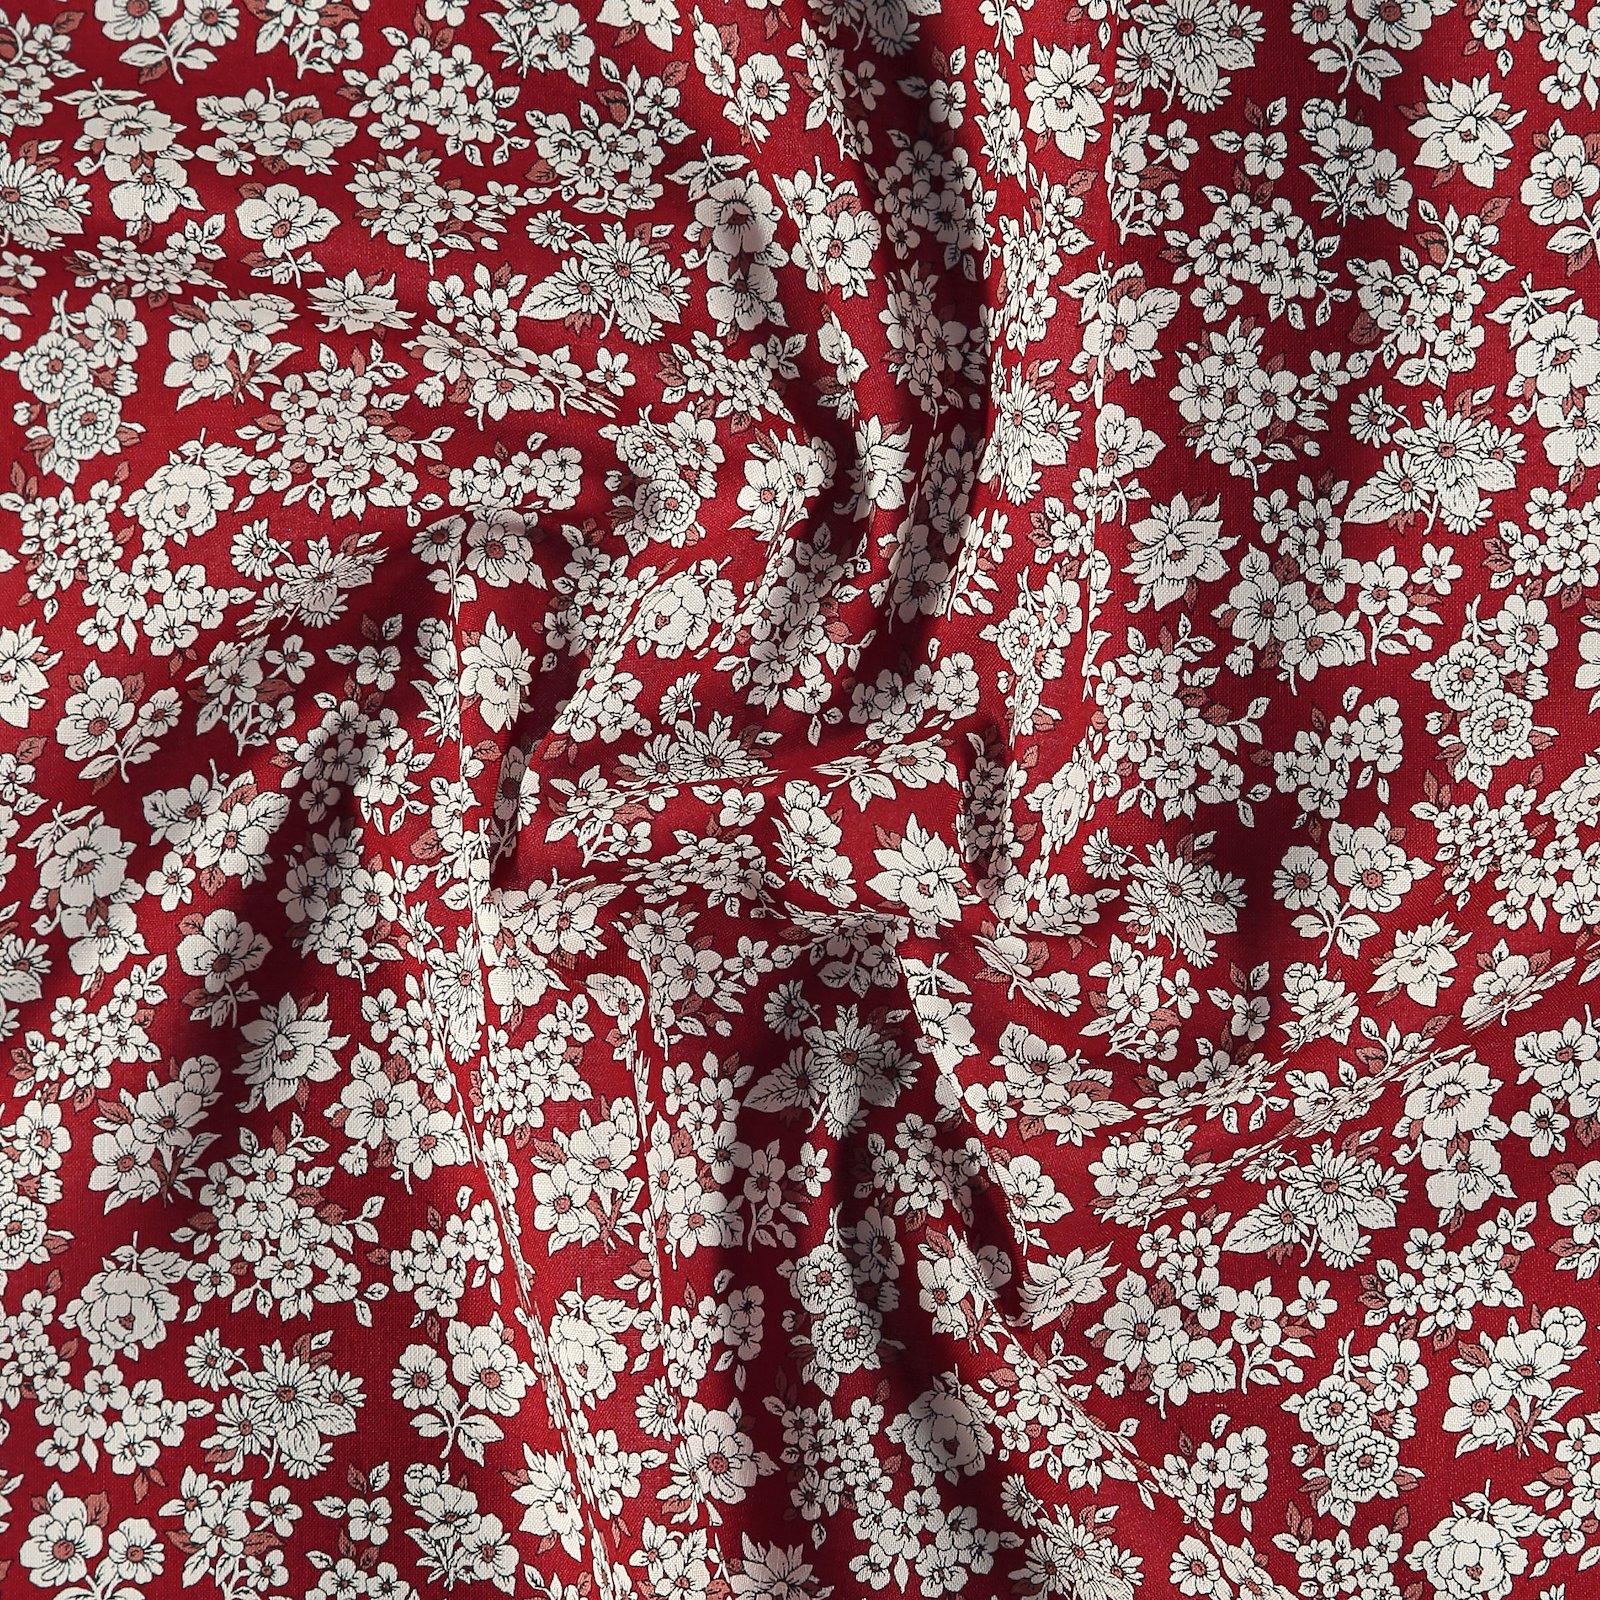 Baumwolle, Klassisch rot, weiße Blumen 852398_pack